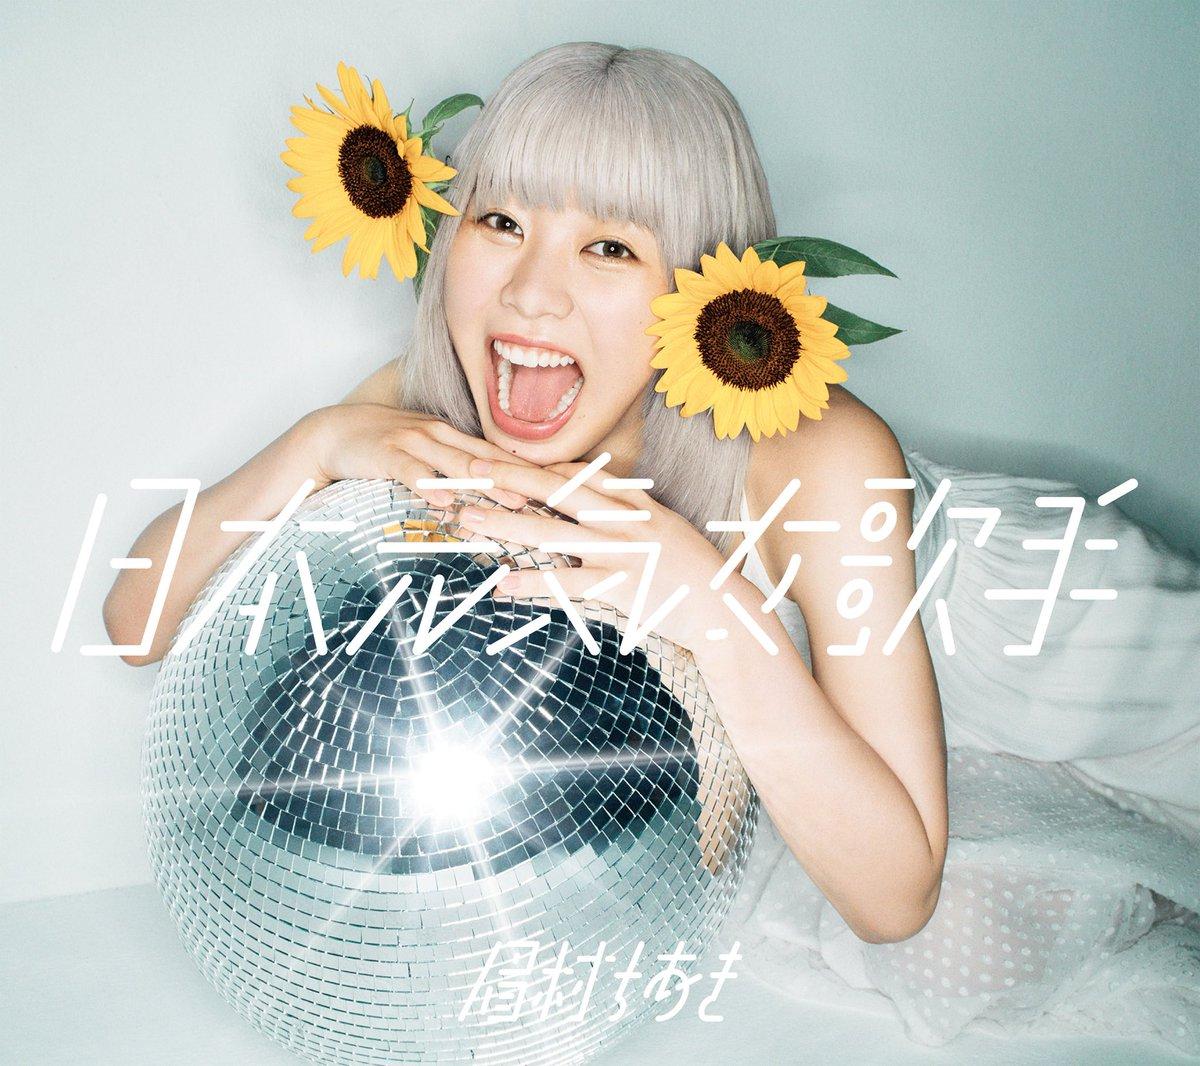 『眉村ちあき&Creepy Nuts - ニーゼロニーゼロ』収録の『日本元気女歌手』ジャケット